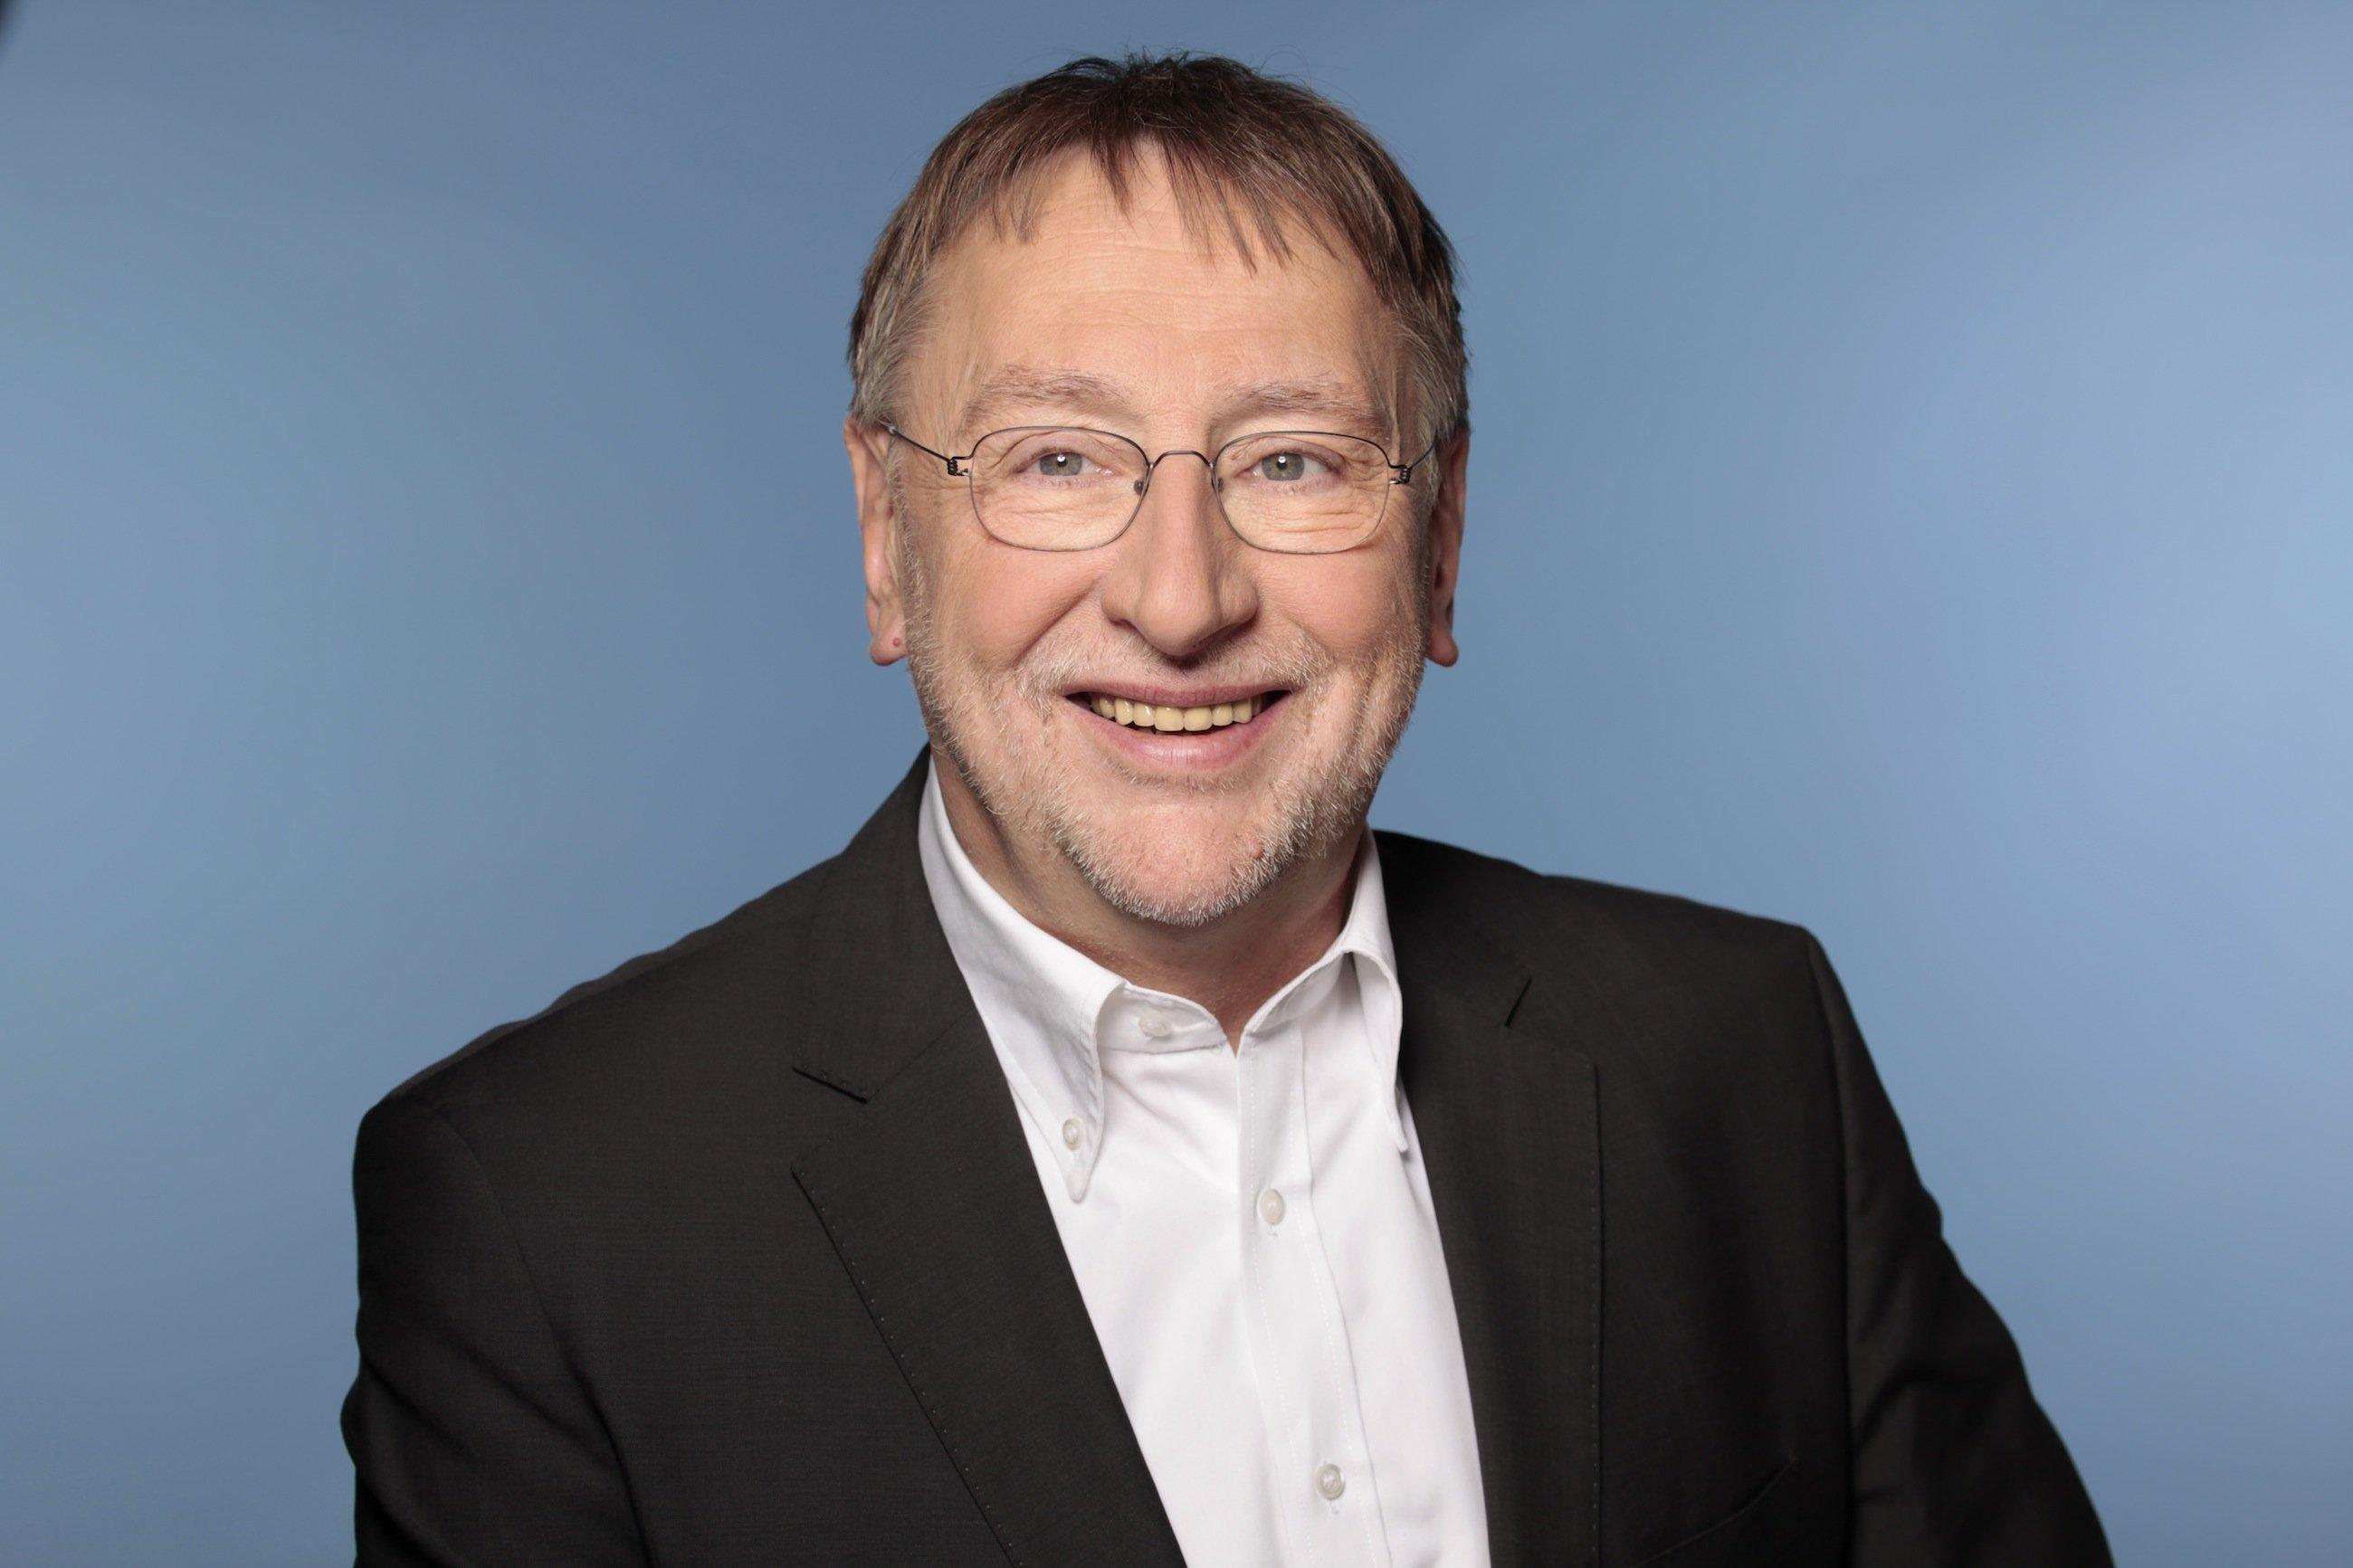 Europaparlamentarier Bernd Lange (SPD) sieht noch eine ganze Reihe von Knackpunkten in den TTIP-Gesprächen zwischen EU und den USA.